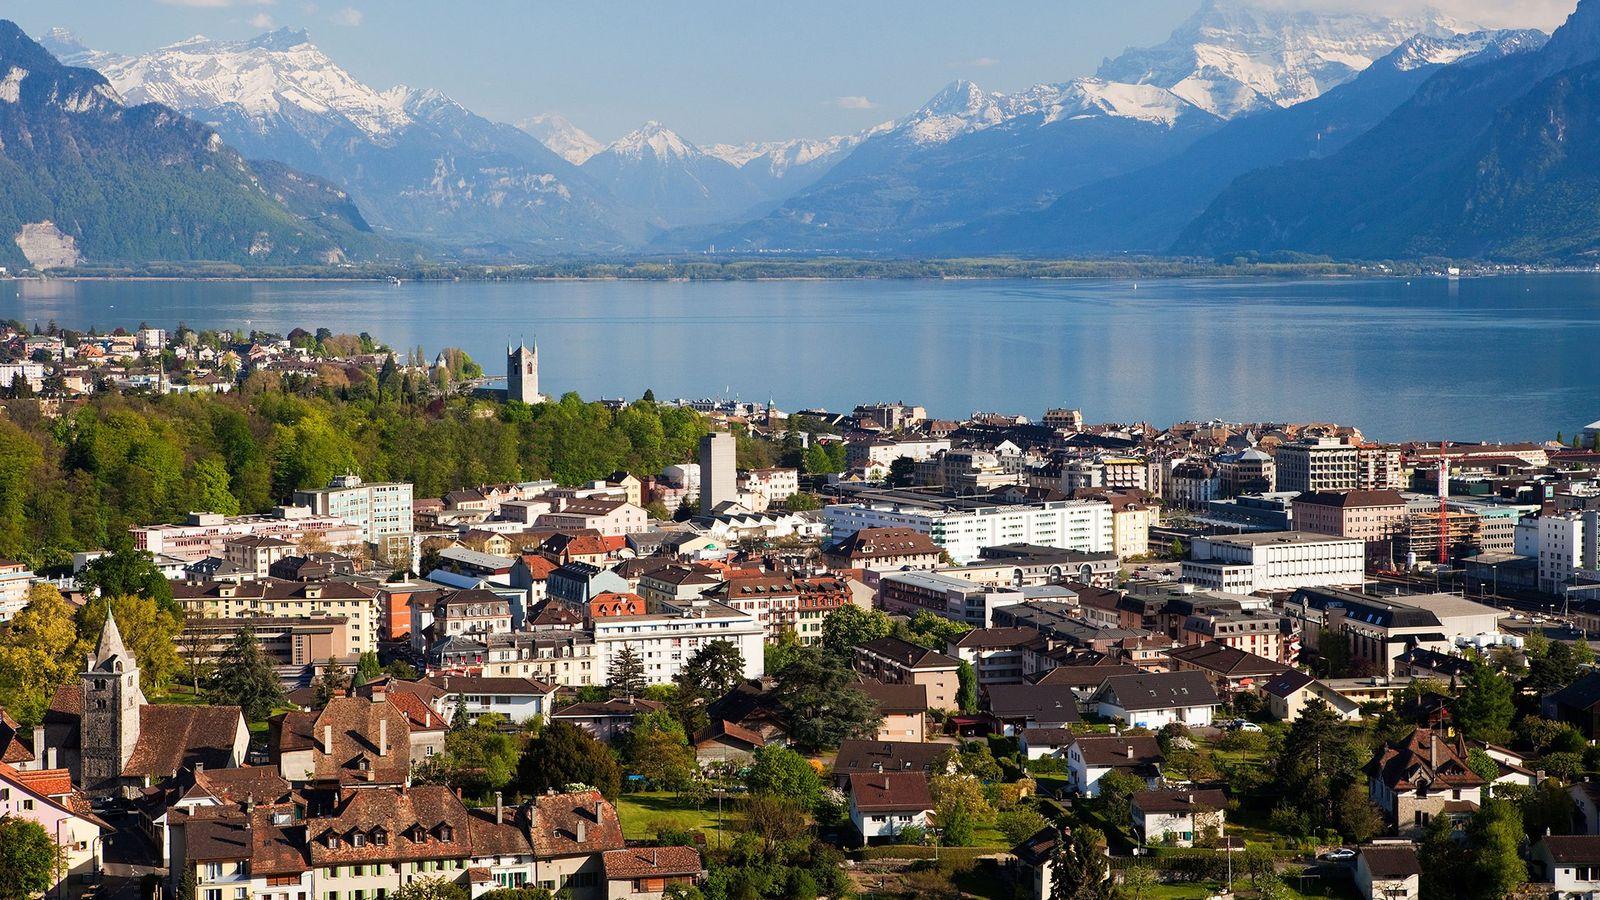 Situada ao longo das margens do Lago Léman, Vevey está localizada perto dos famosos terraços de ...